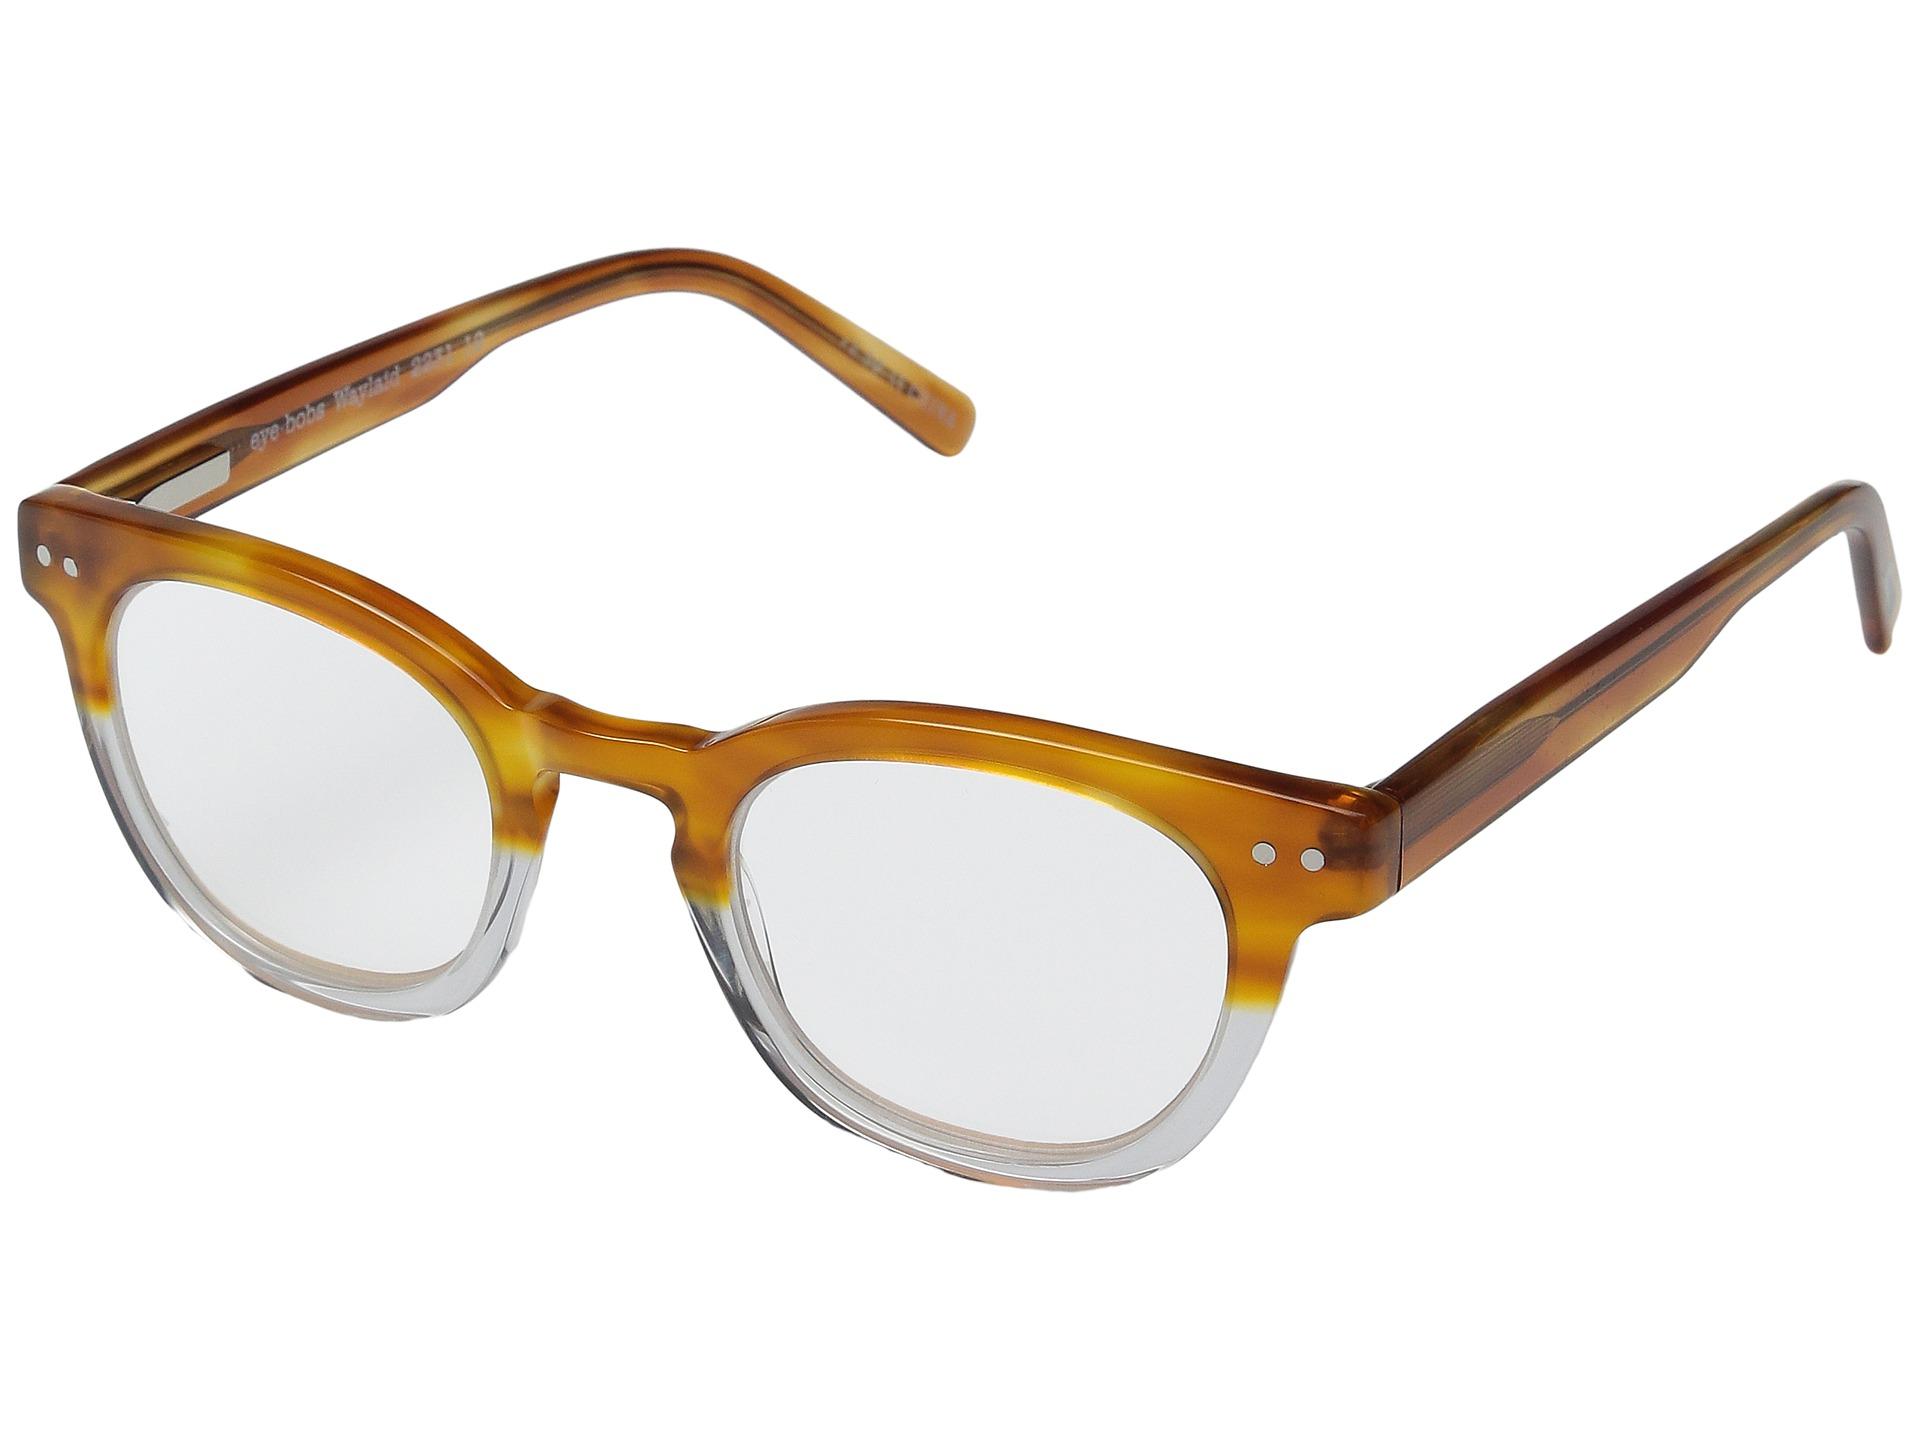 f64cb52878 Eyebobs Reading Glasses